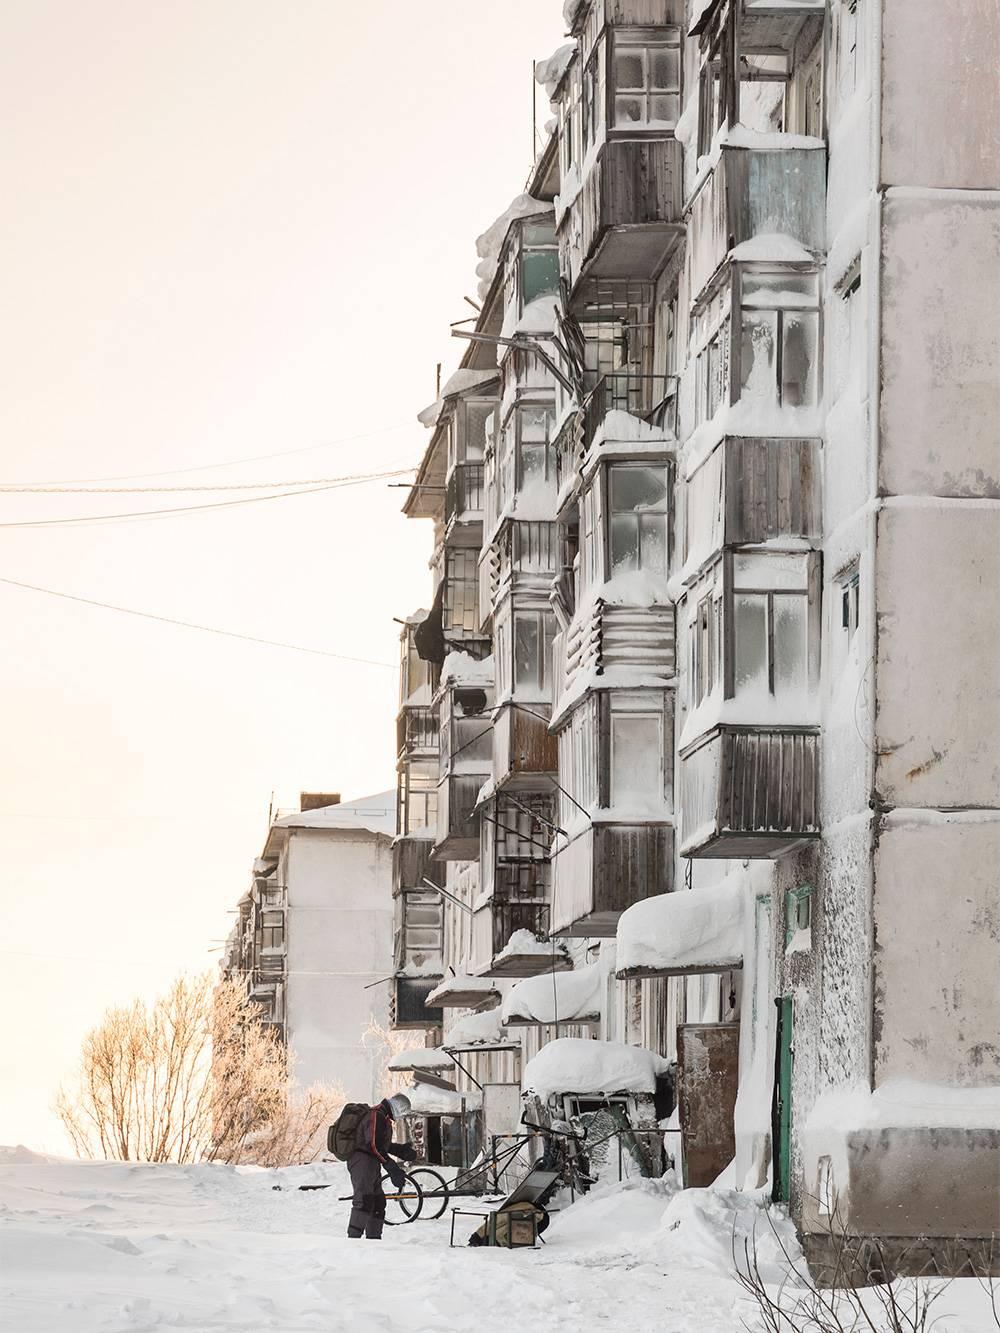 В поселке Советском мы встретили мародеров. Они находили хорошие вещи в опустевших квартирах и обжигали провода, чтобы достать медь. Я их не осуждаю: все это просто пропадет